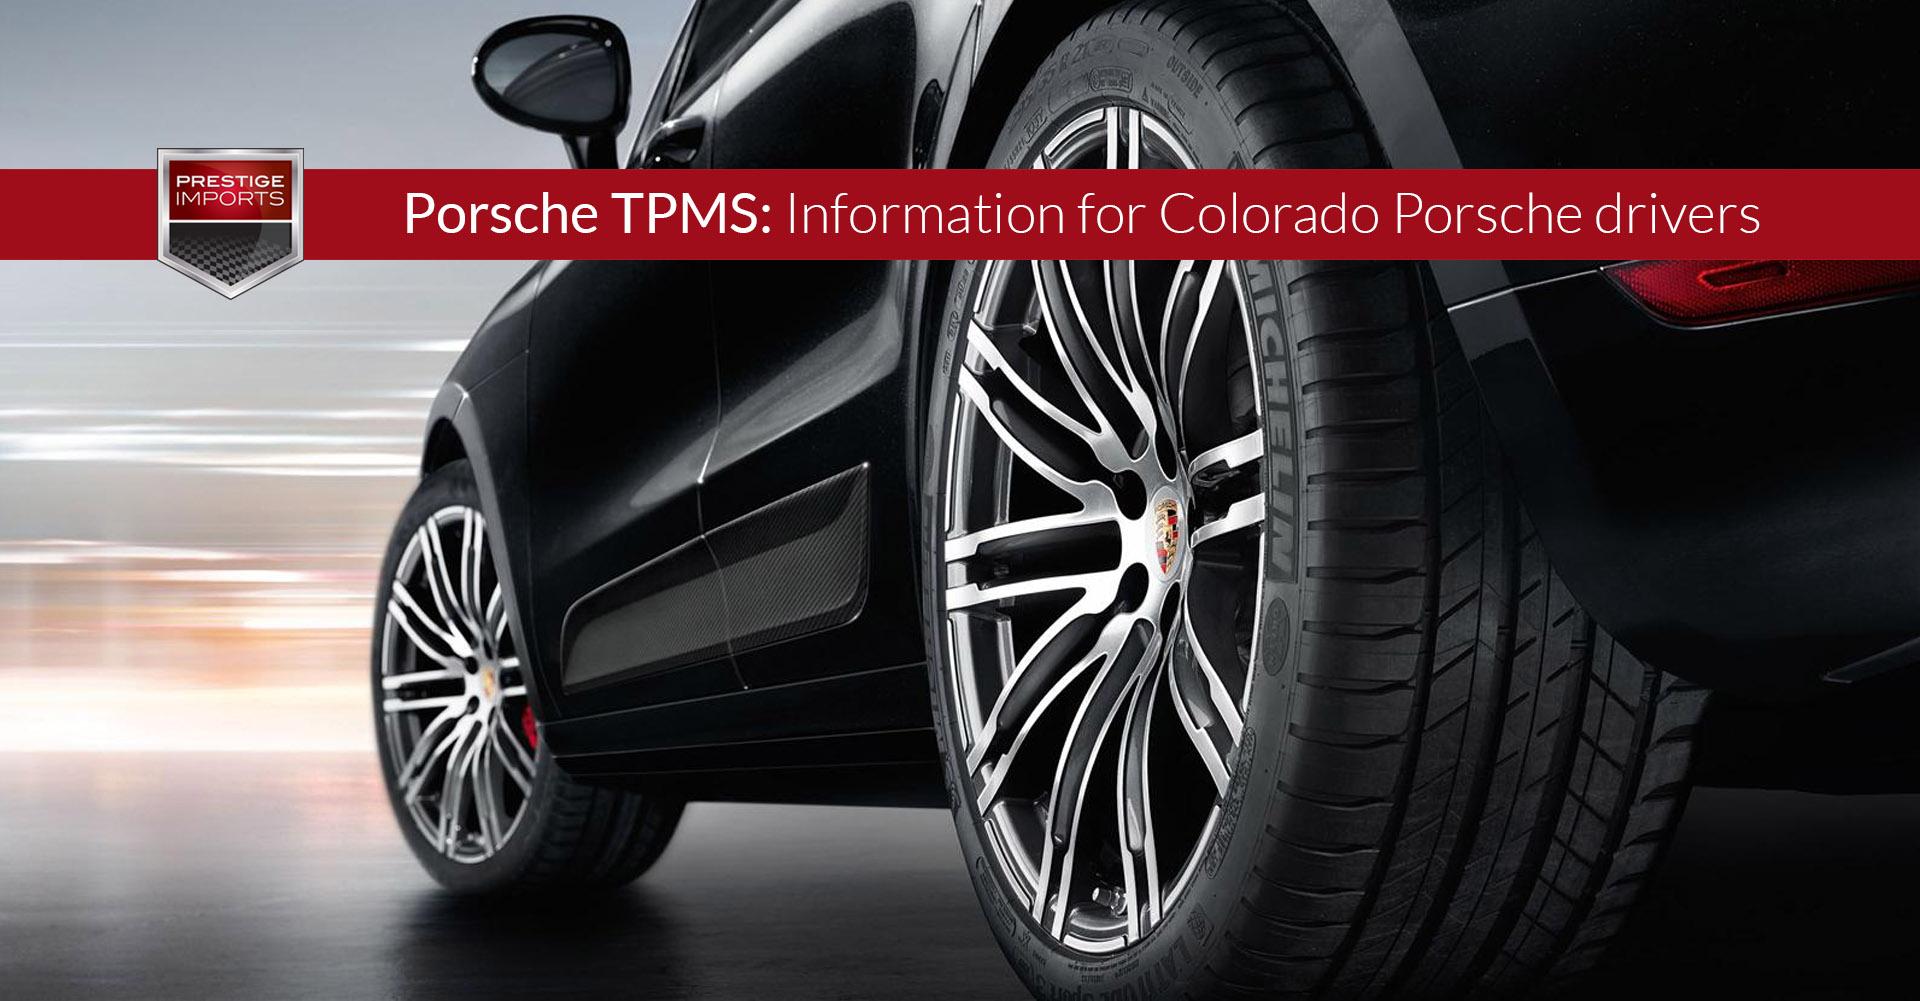 Porsche Tpms Information For Colorado Porsche Drivers